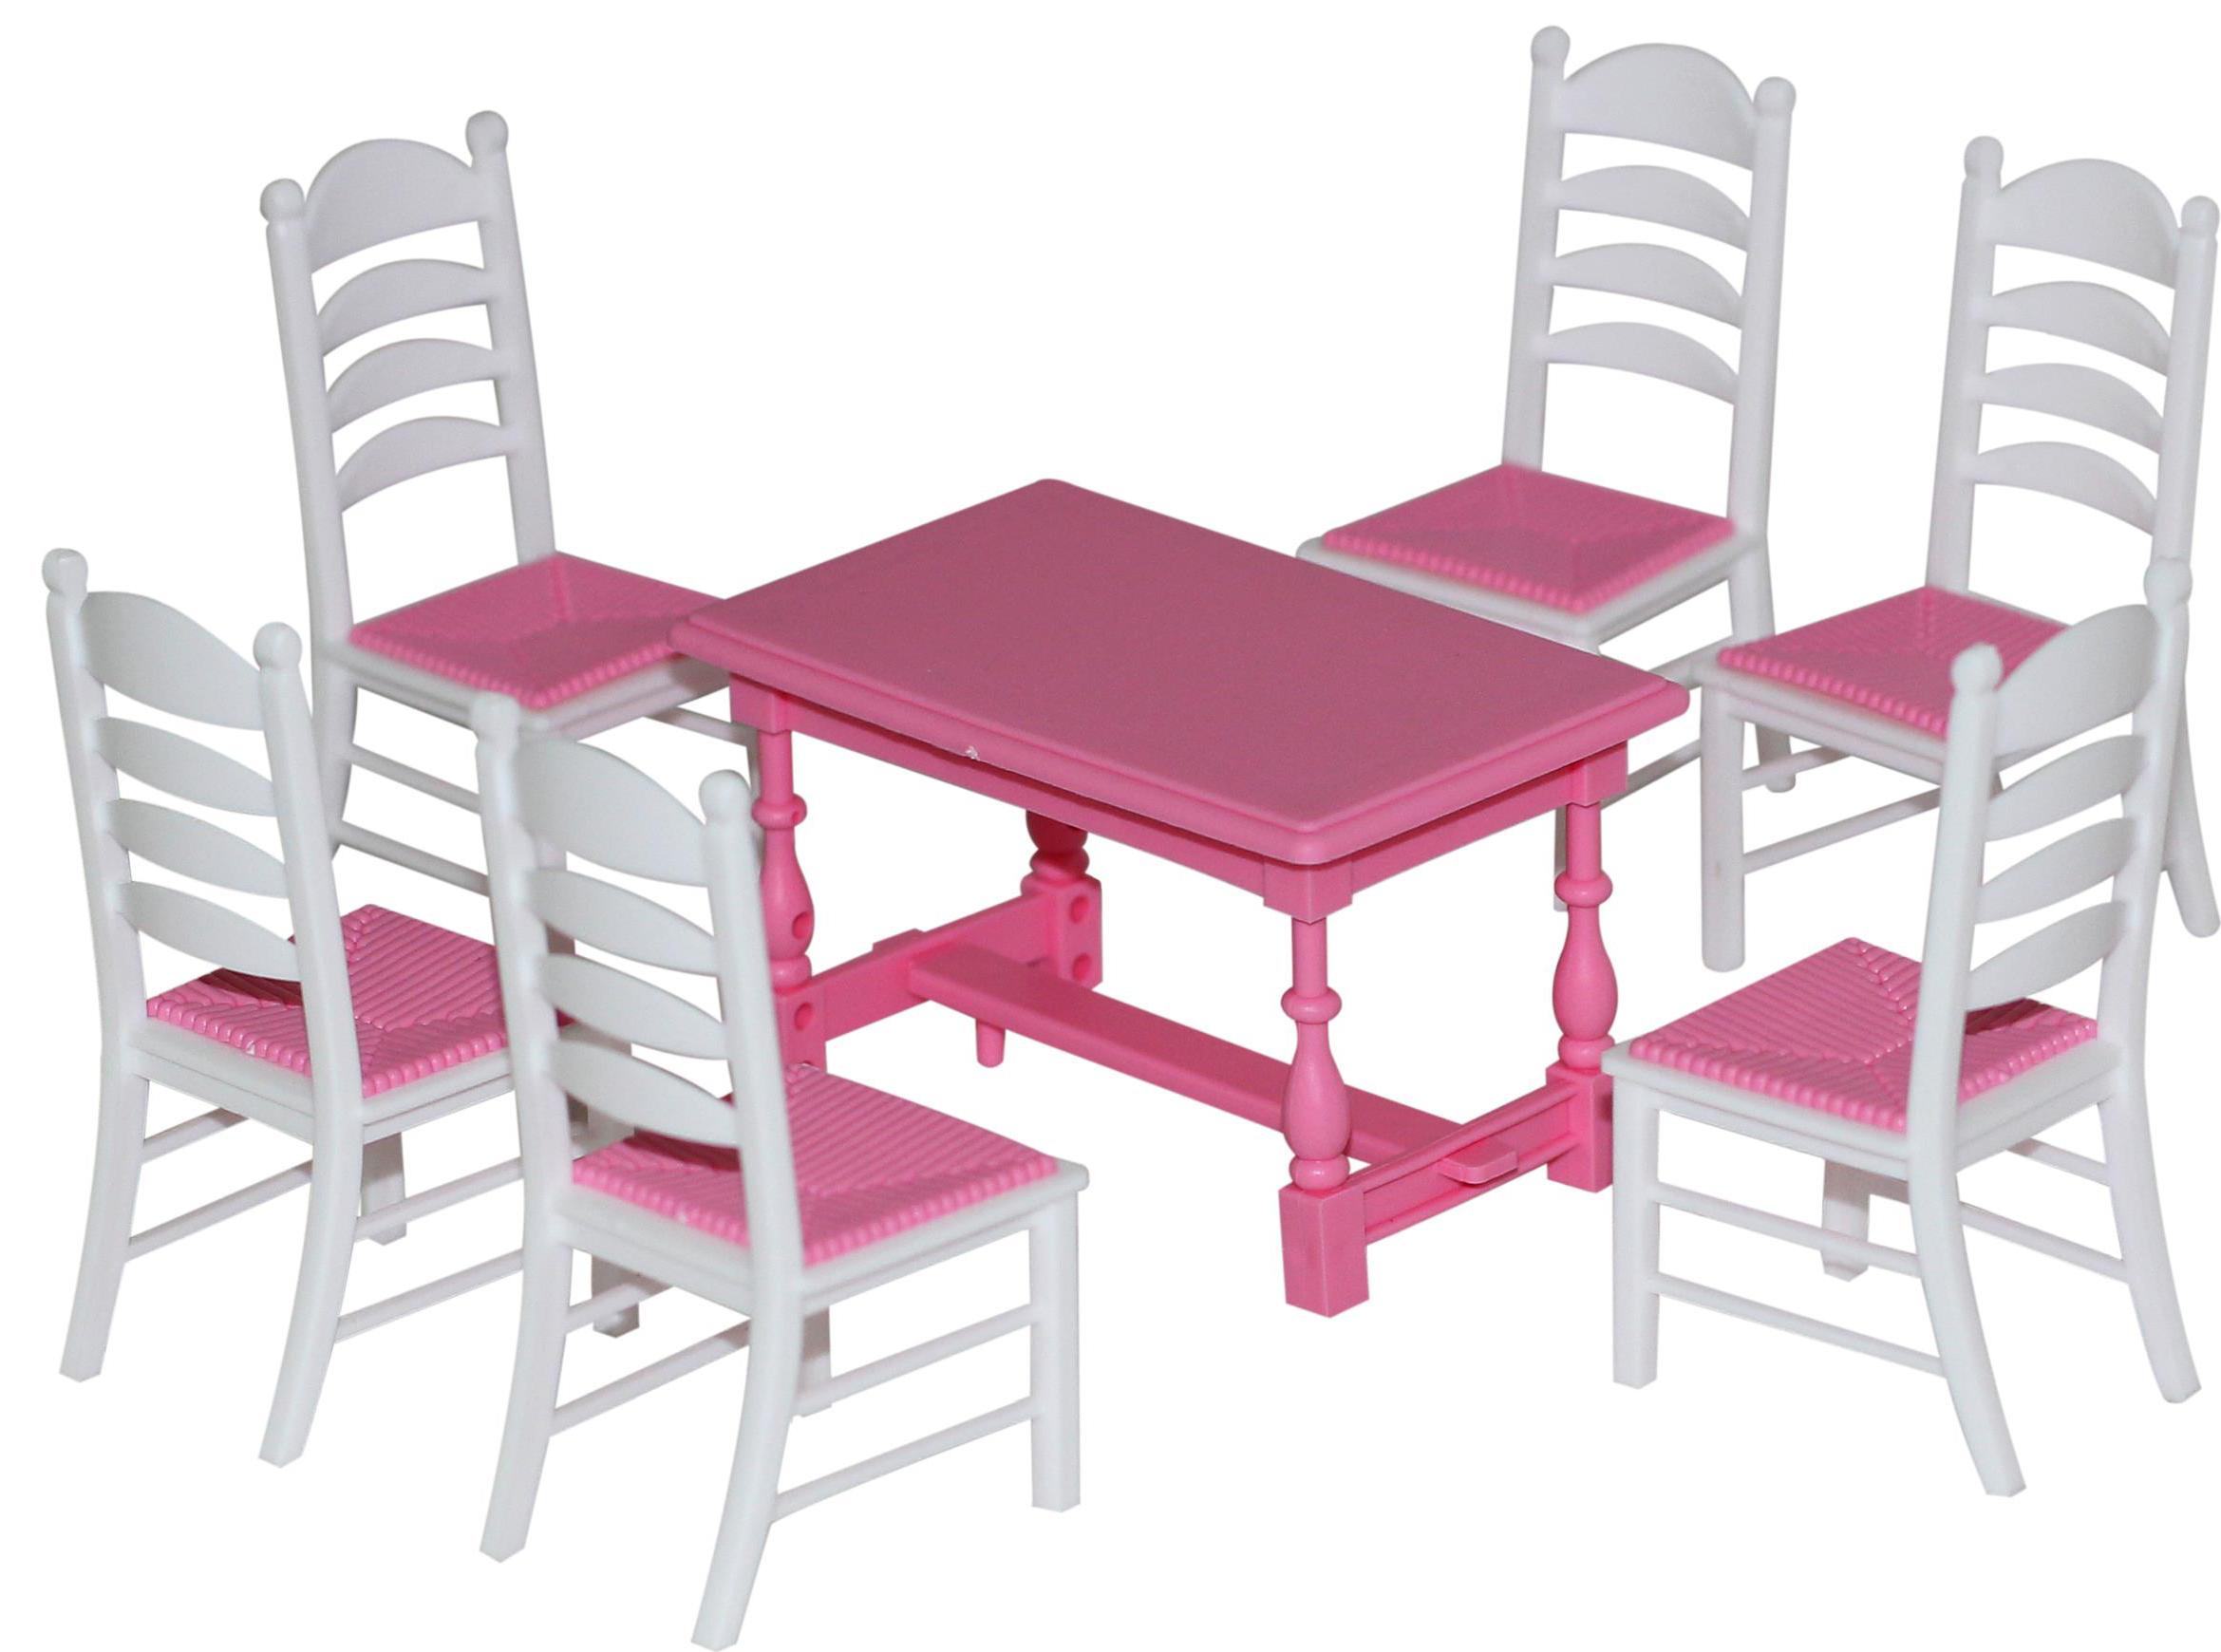 Набор мебели для кукол, 7 элементовКукольные домики<br>Набор мебели для кукол, 7 элементов<br>